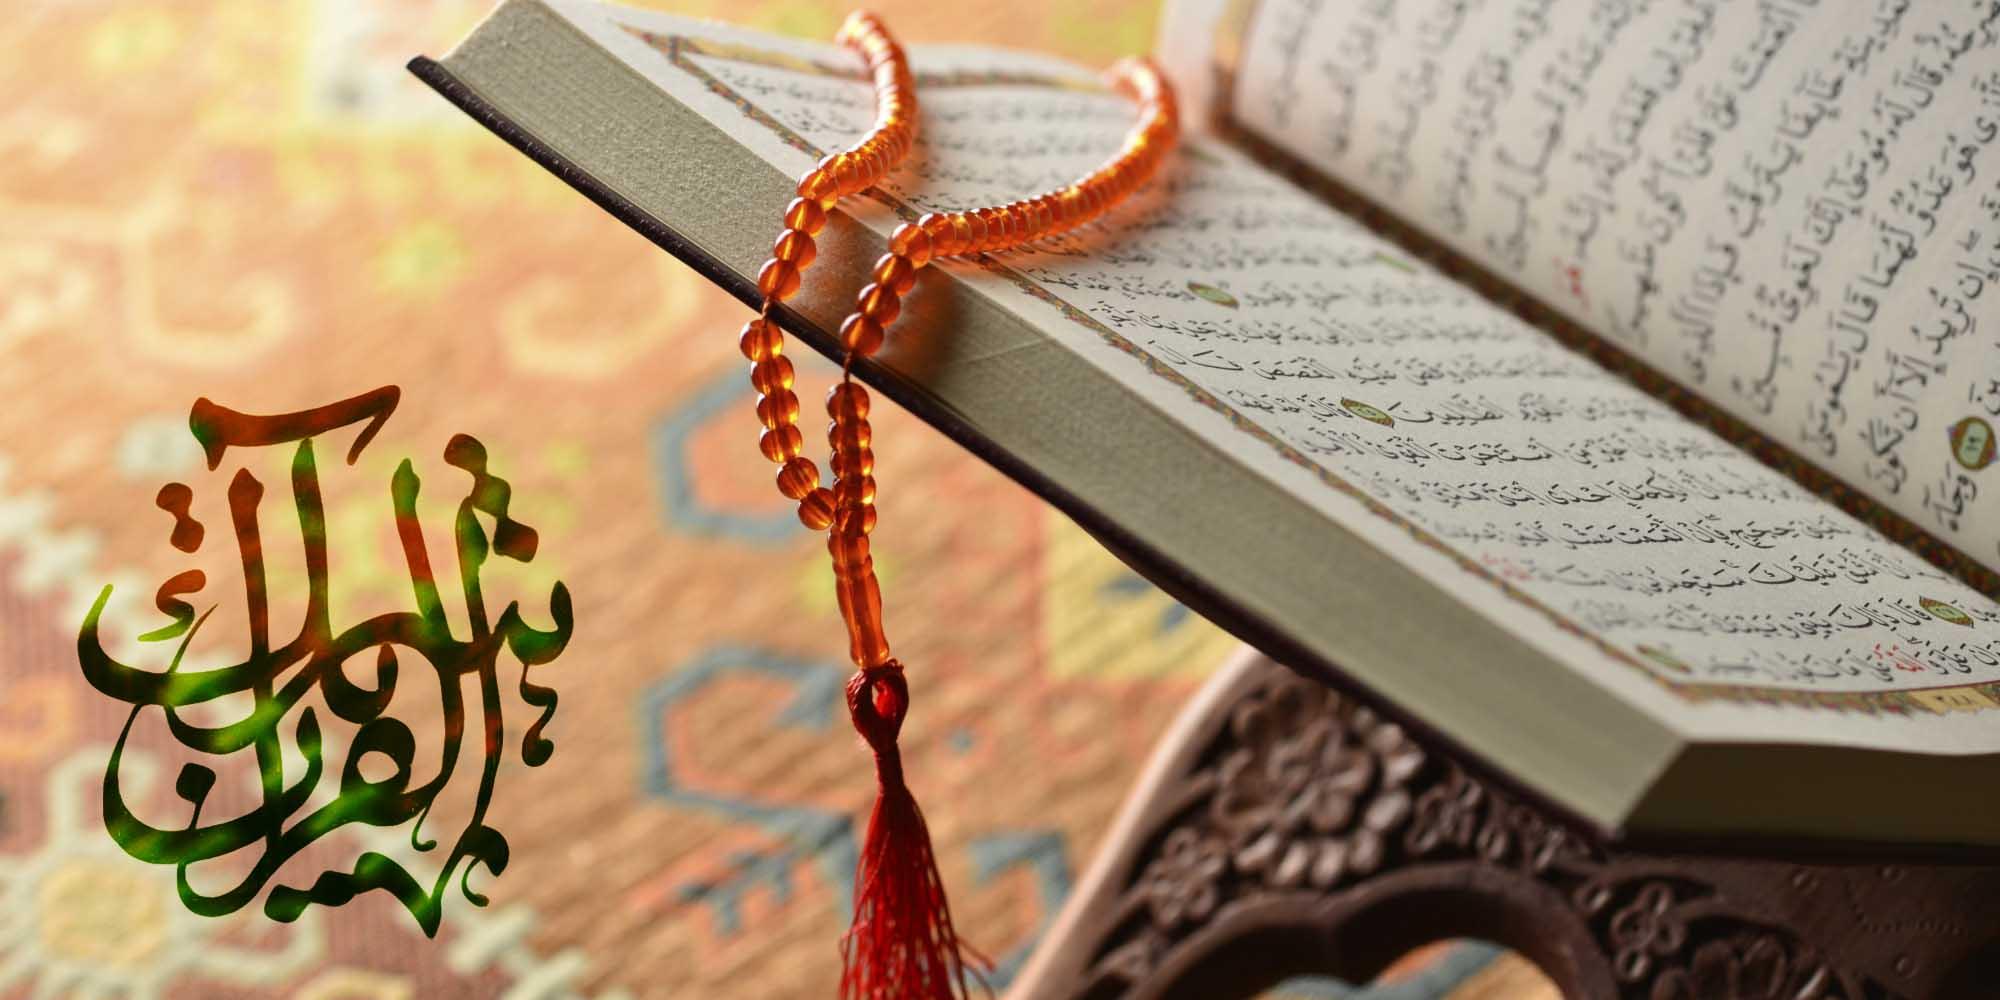 سوالات استخدامی دبیر دینی و قرآن آموزش و پرورش